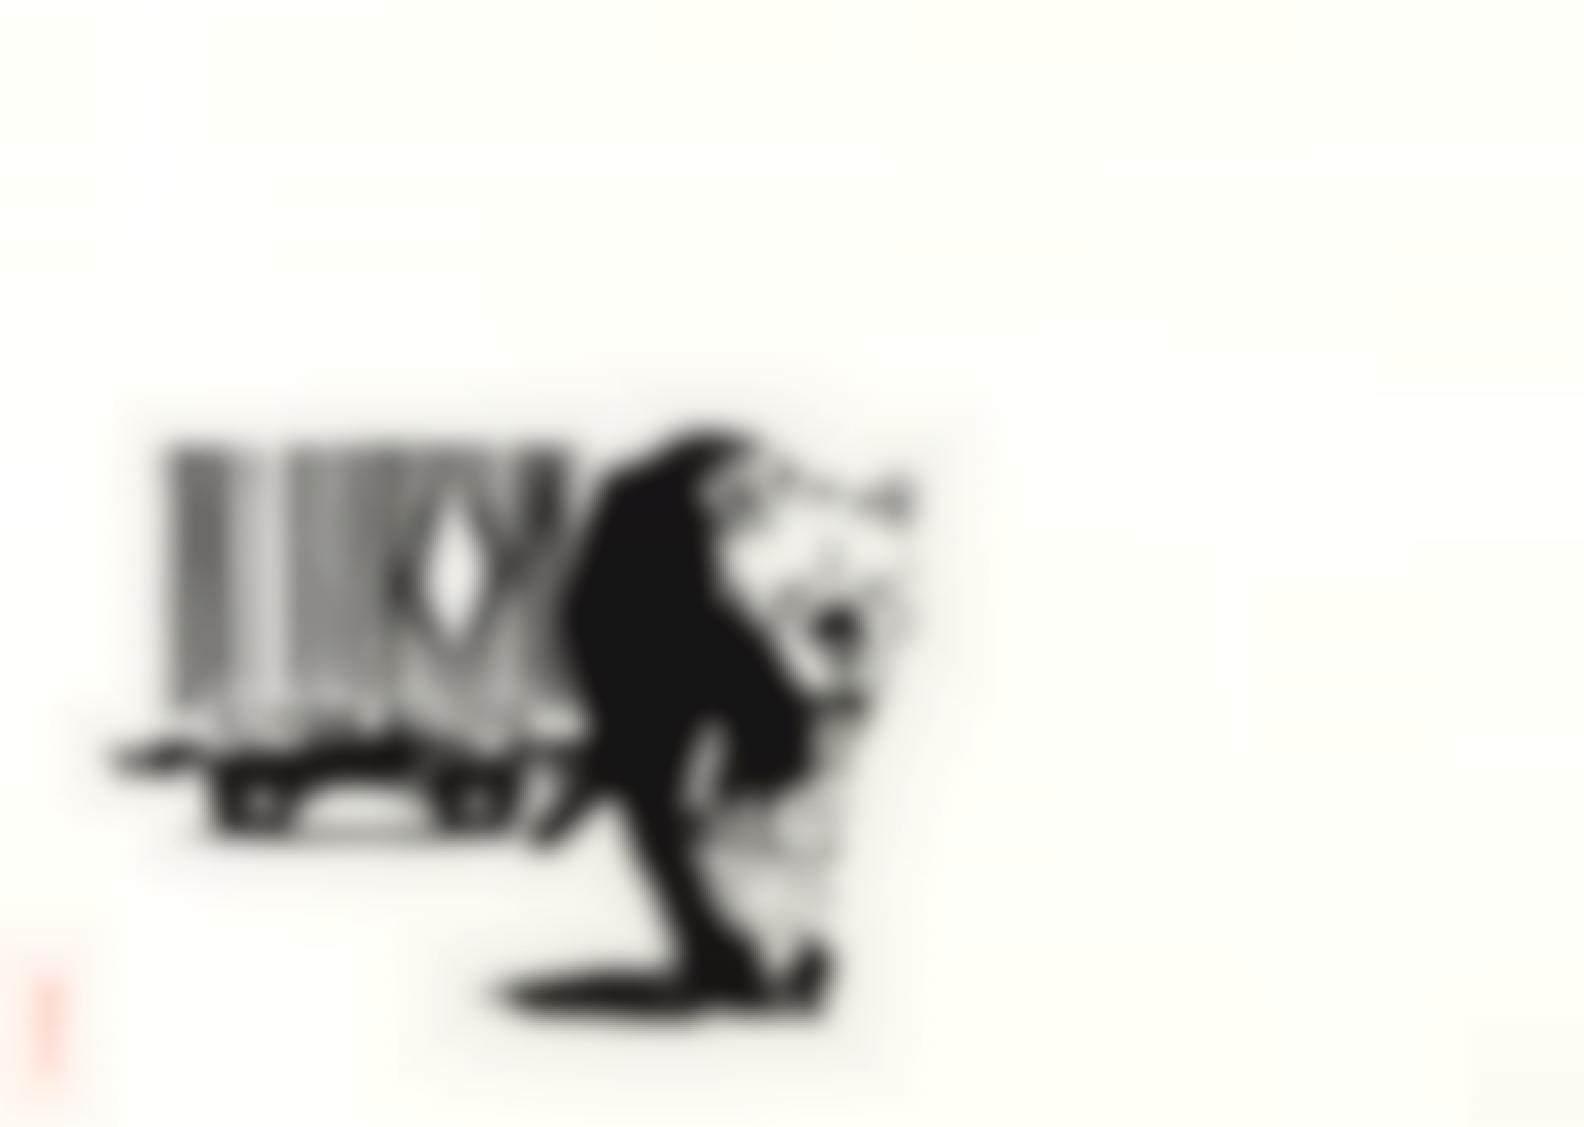 Banksy-Barcode-2004